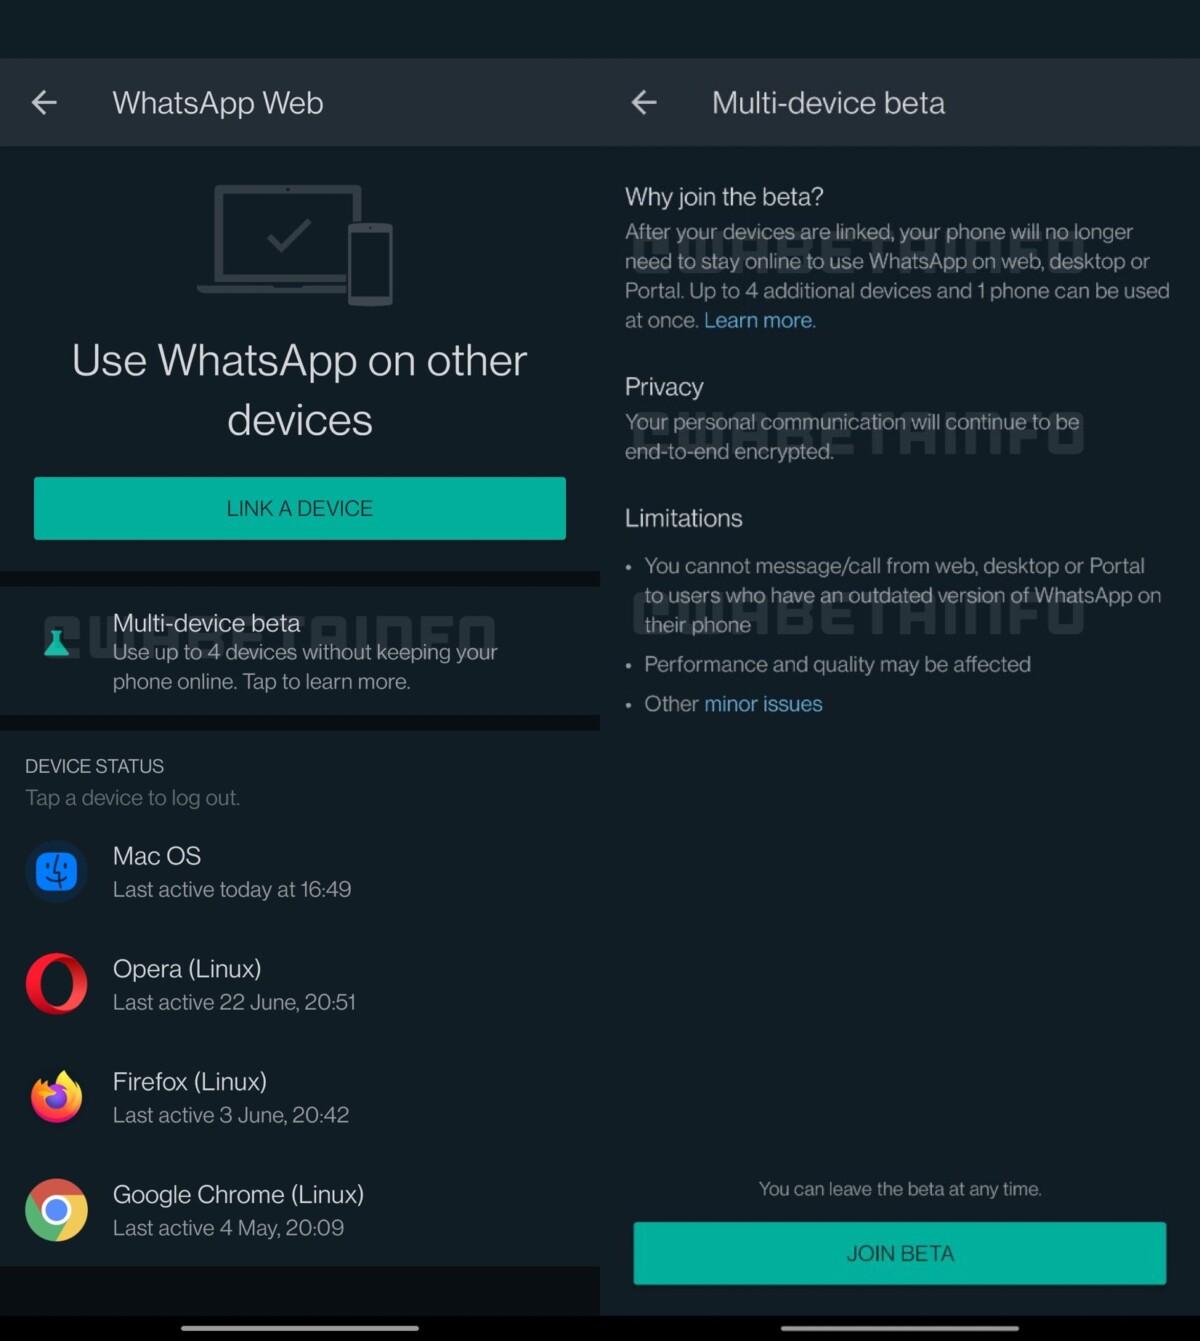 Nova tela de modo multi-dispositivo, atualmente em beta // Fonte: WABetainfo